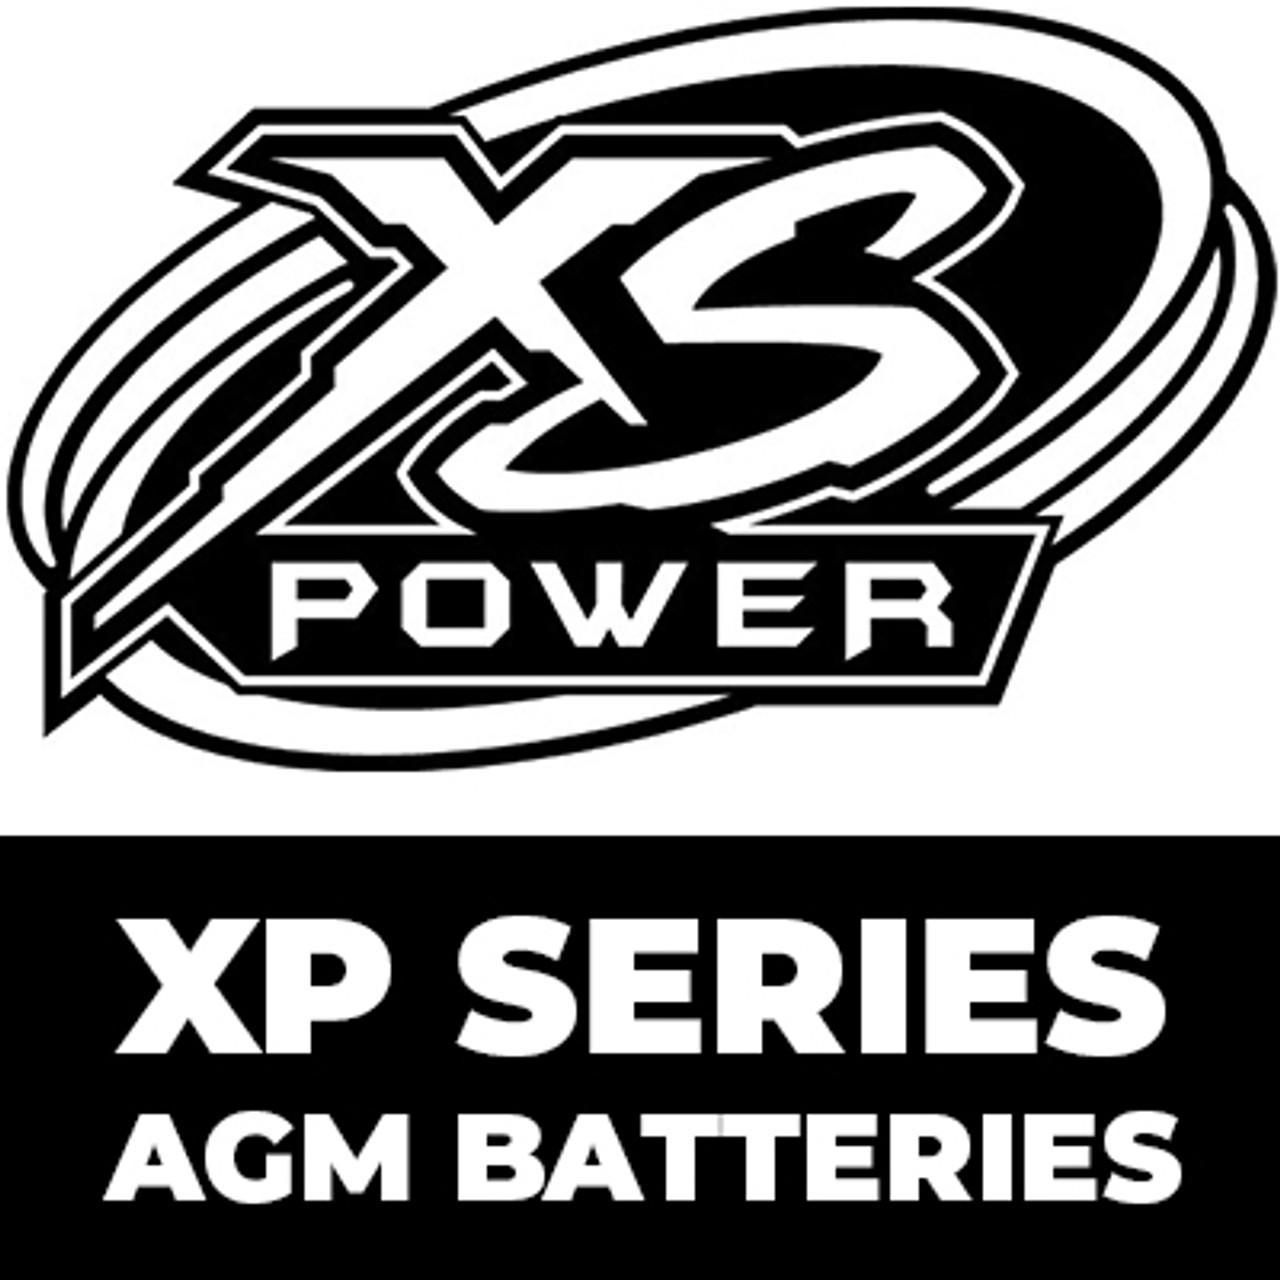 XS Power XP Series AGM Batteries